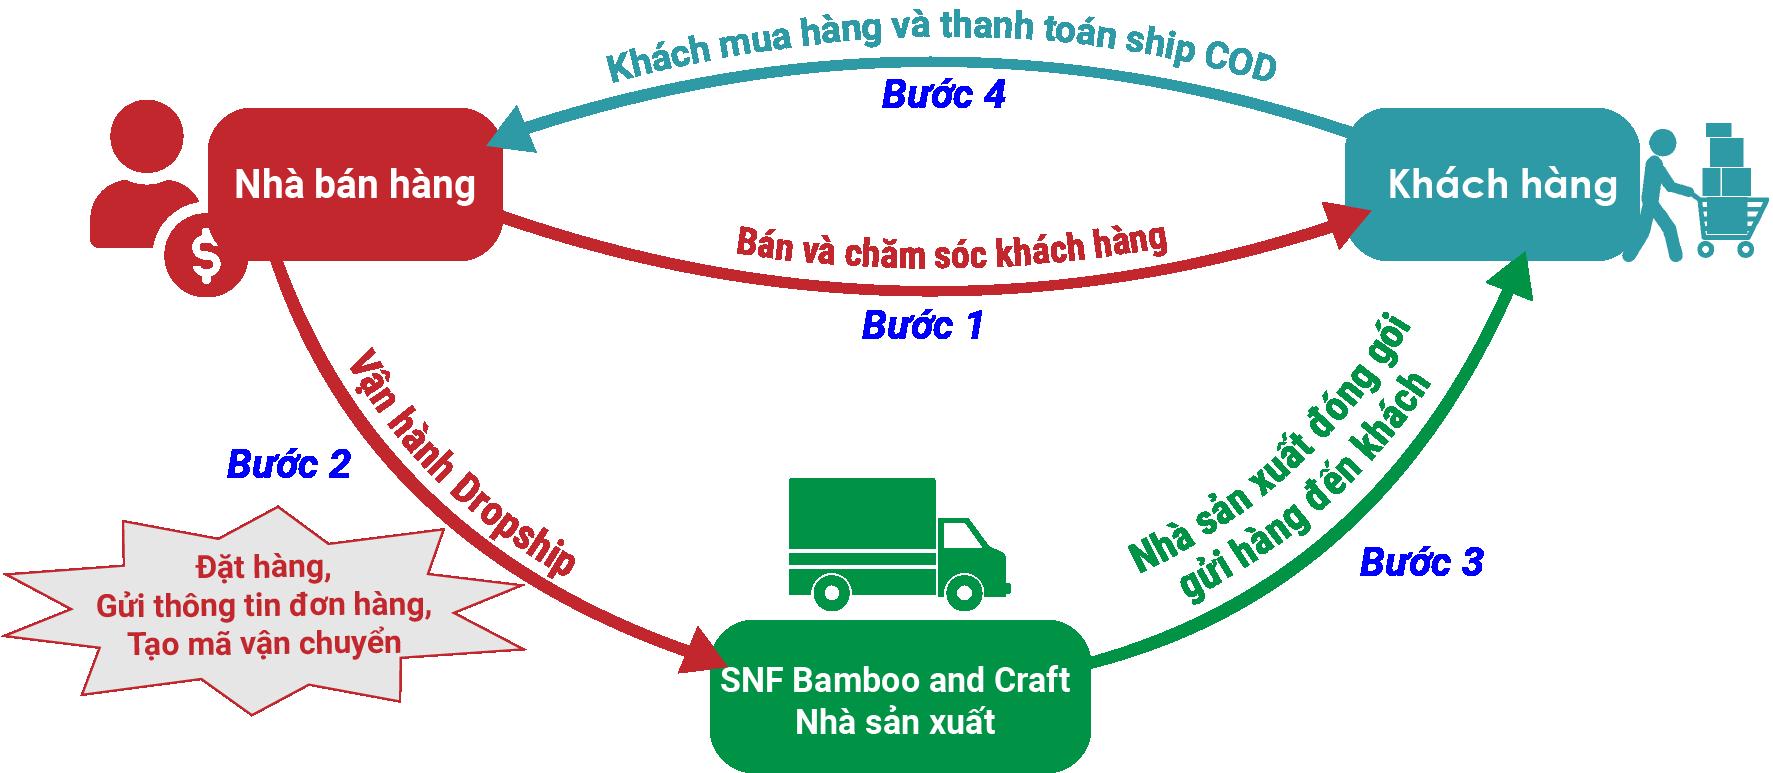 Bán hàng Dropship cùng SNF